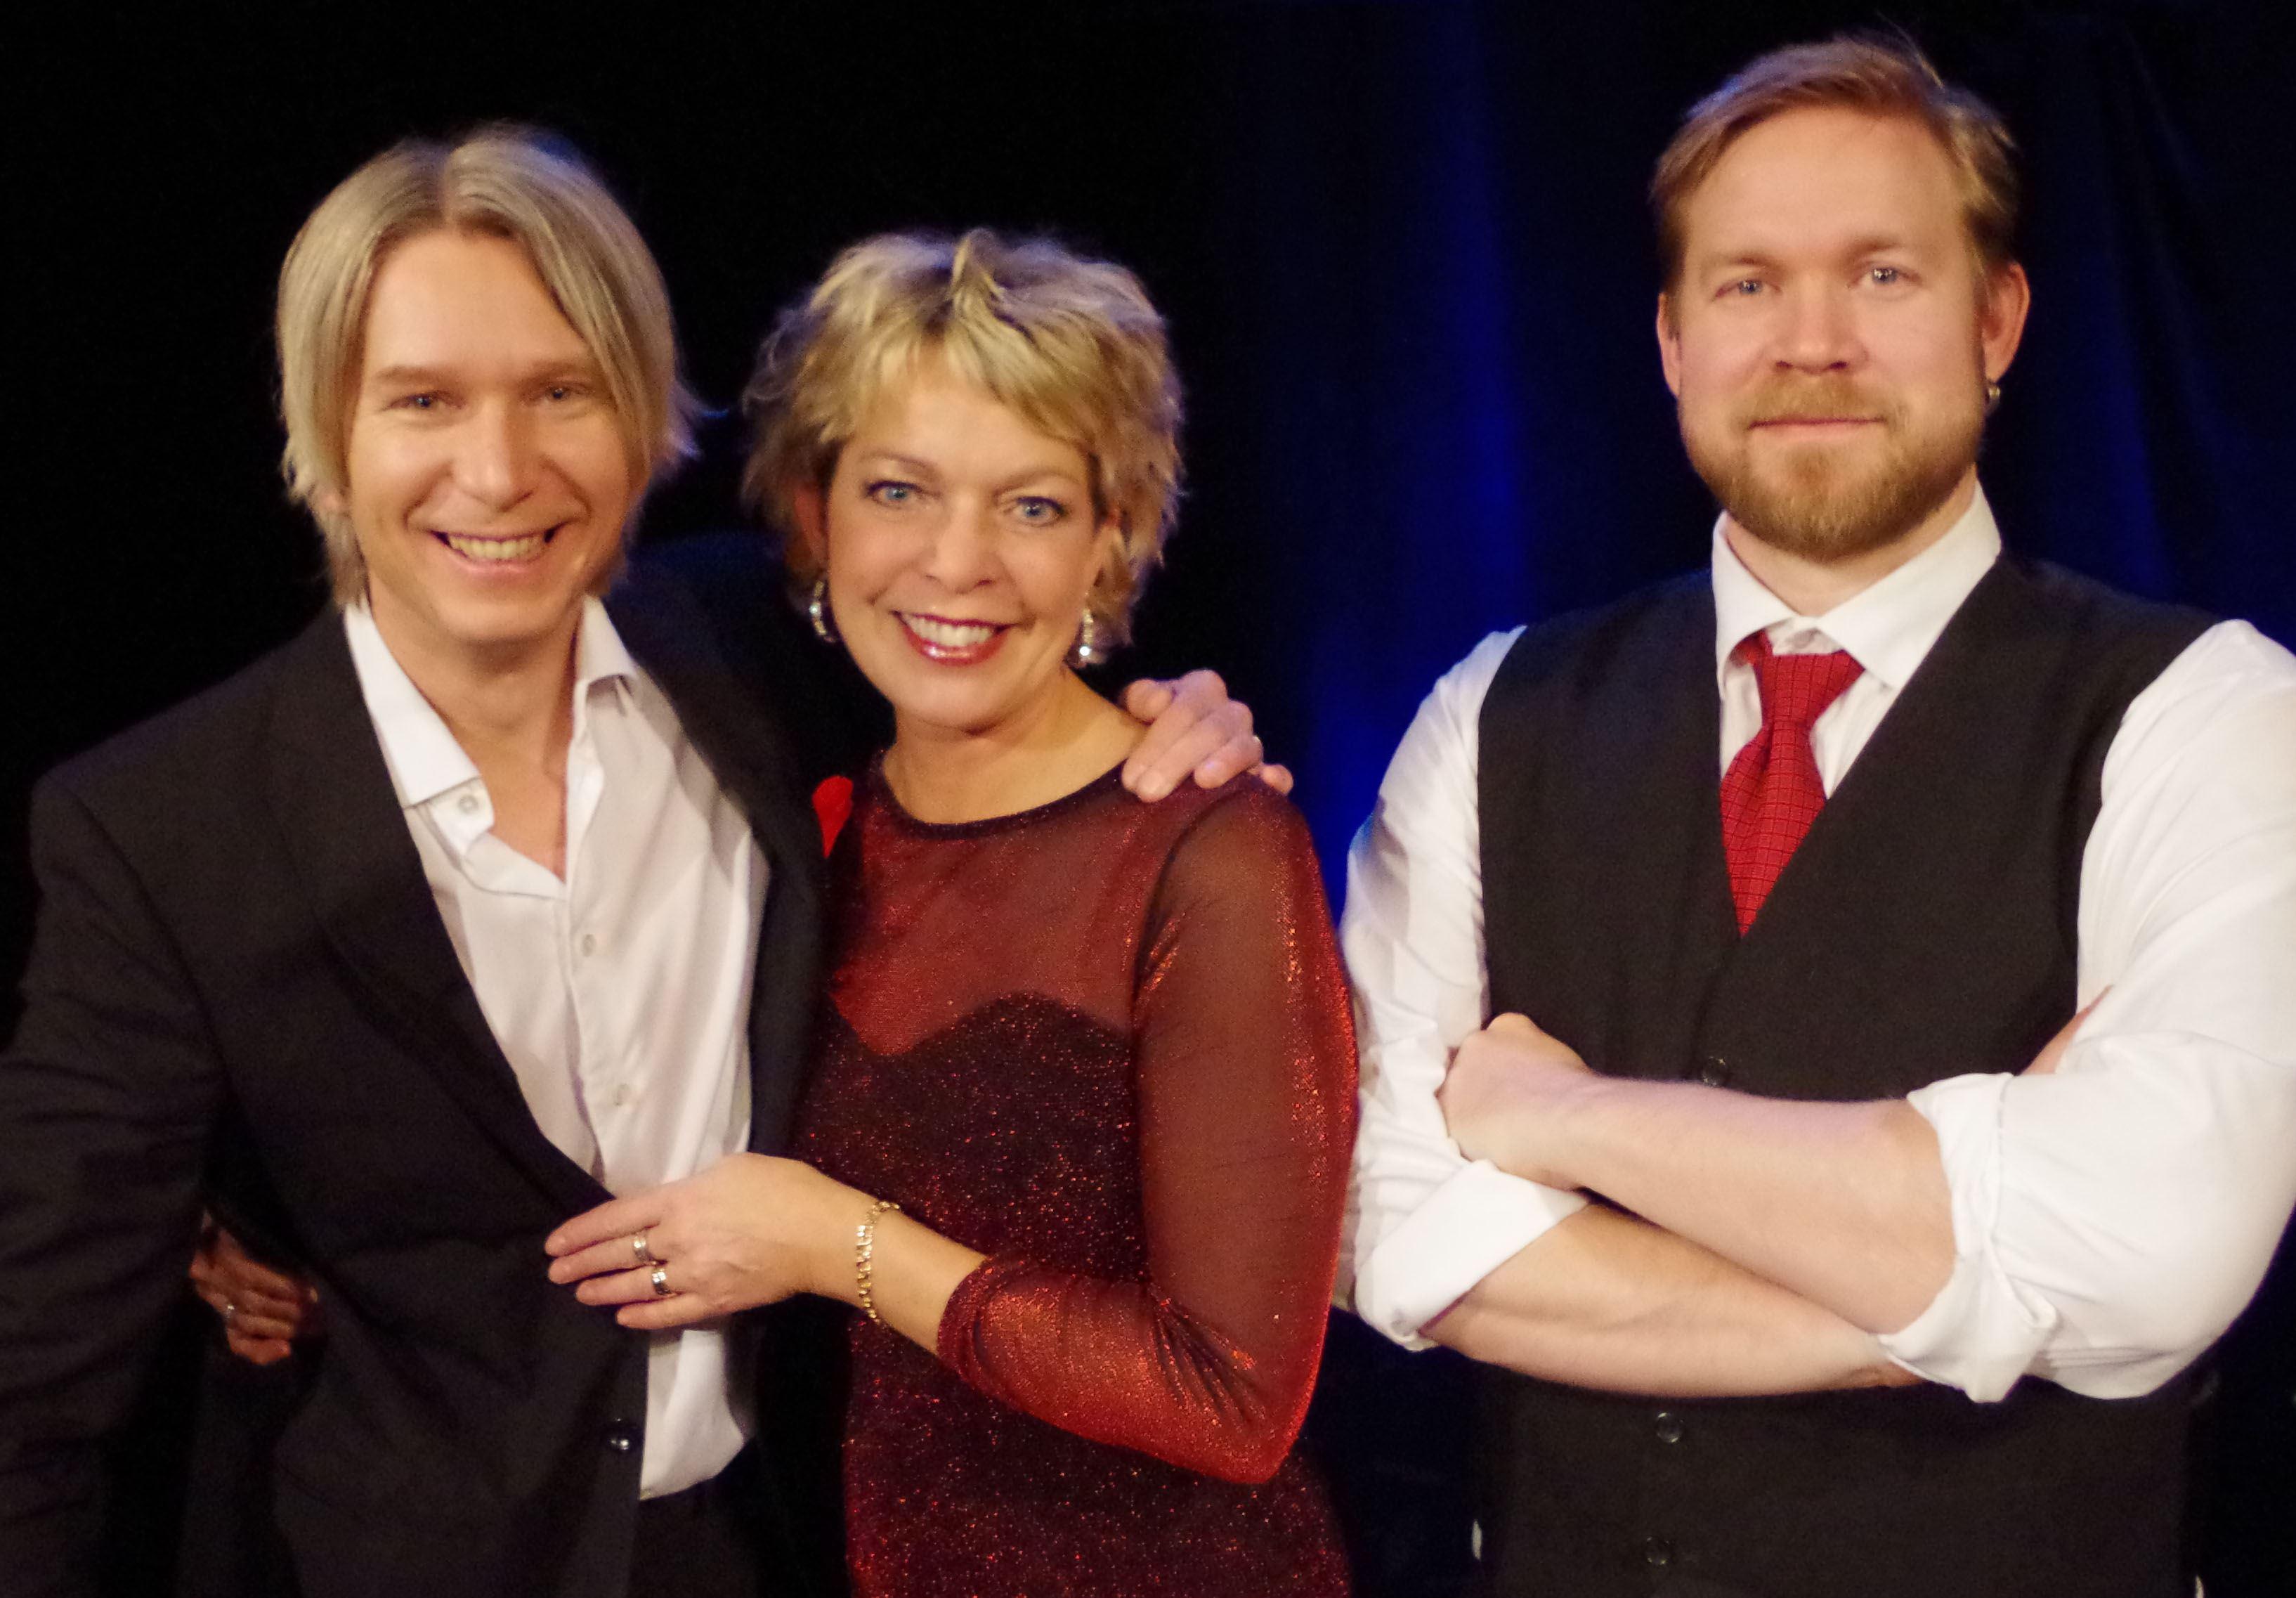 Julkonsert i folkviseton med Öberg, Wachenfeldt & Gill